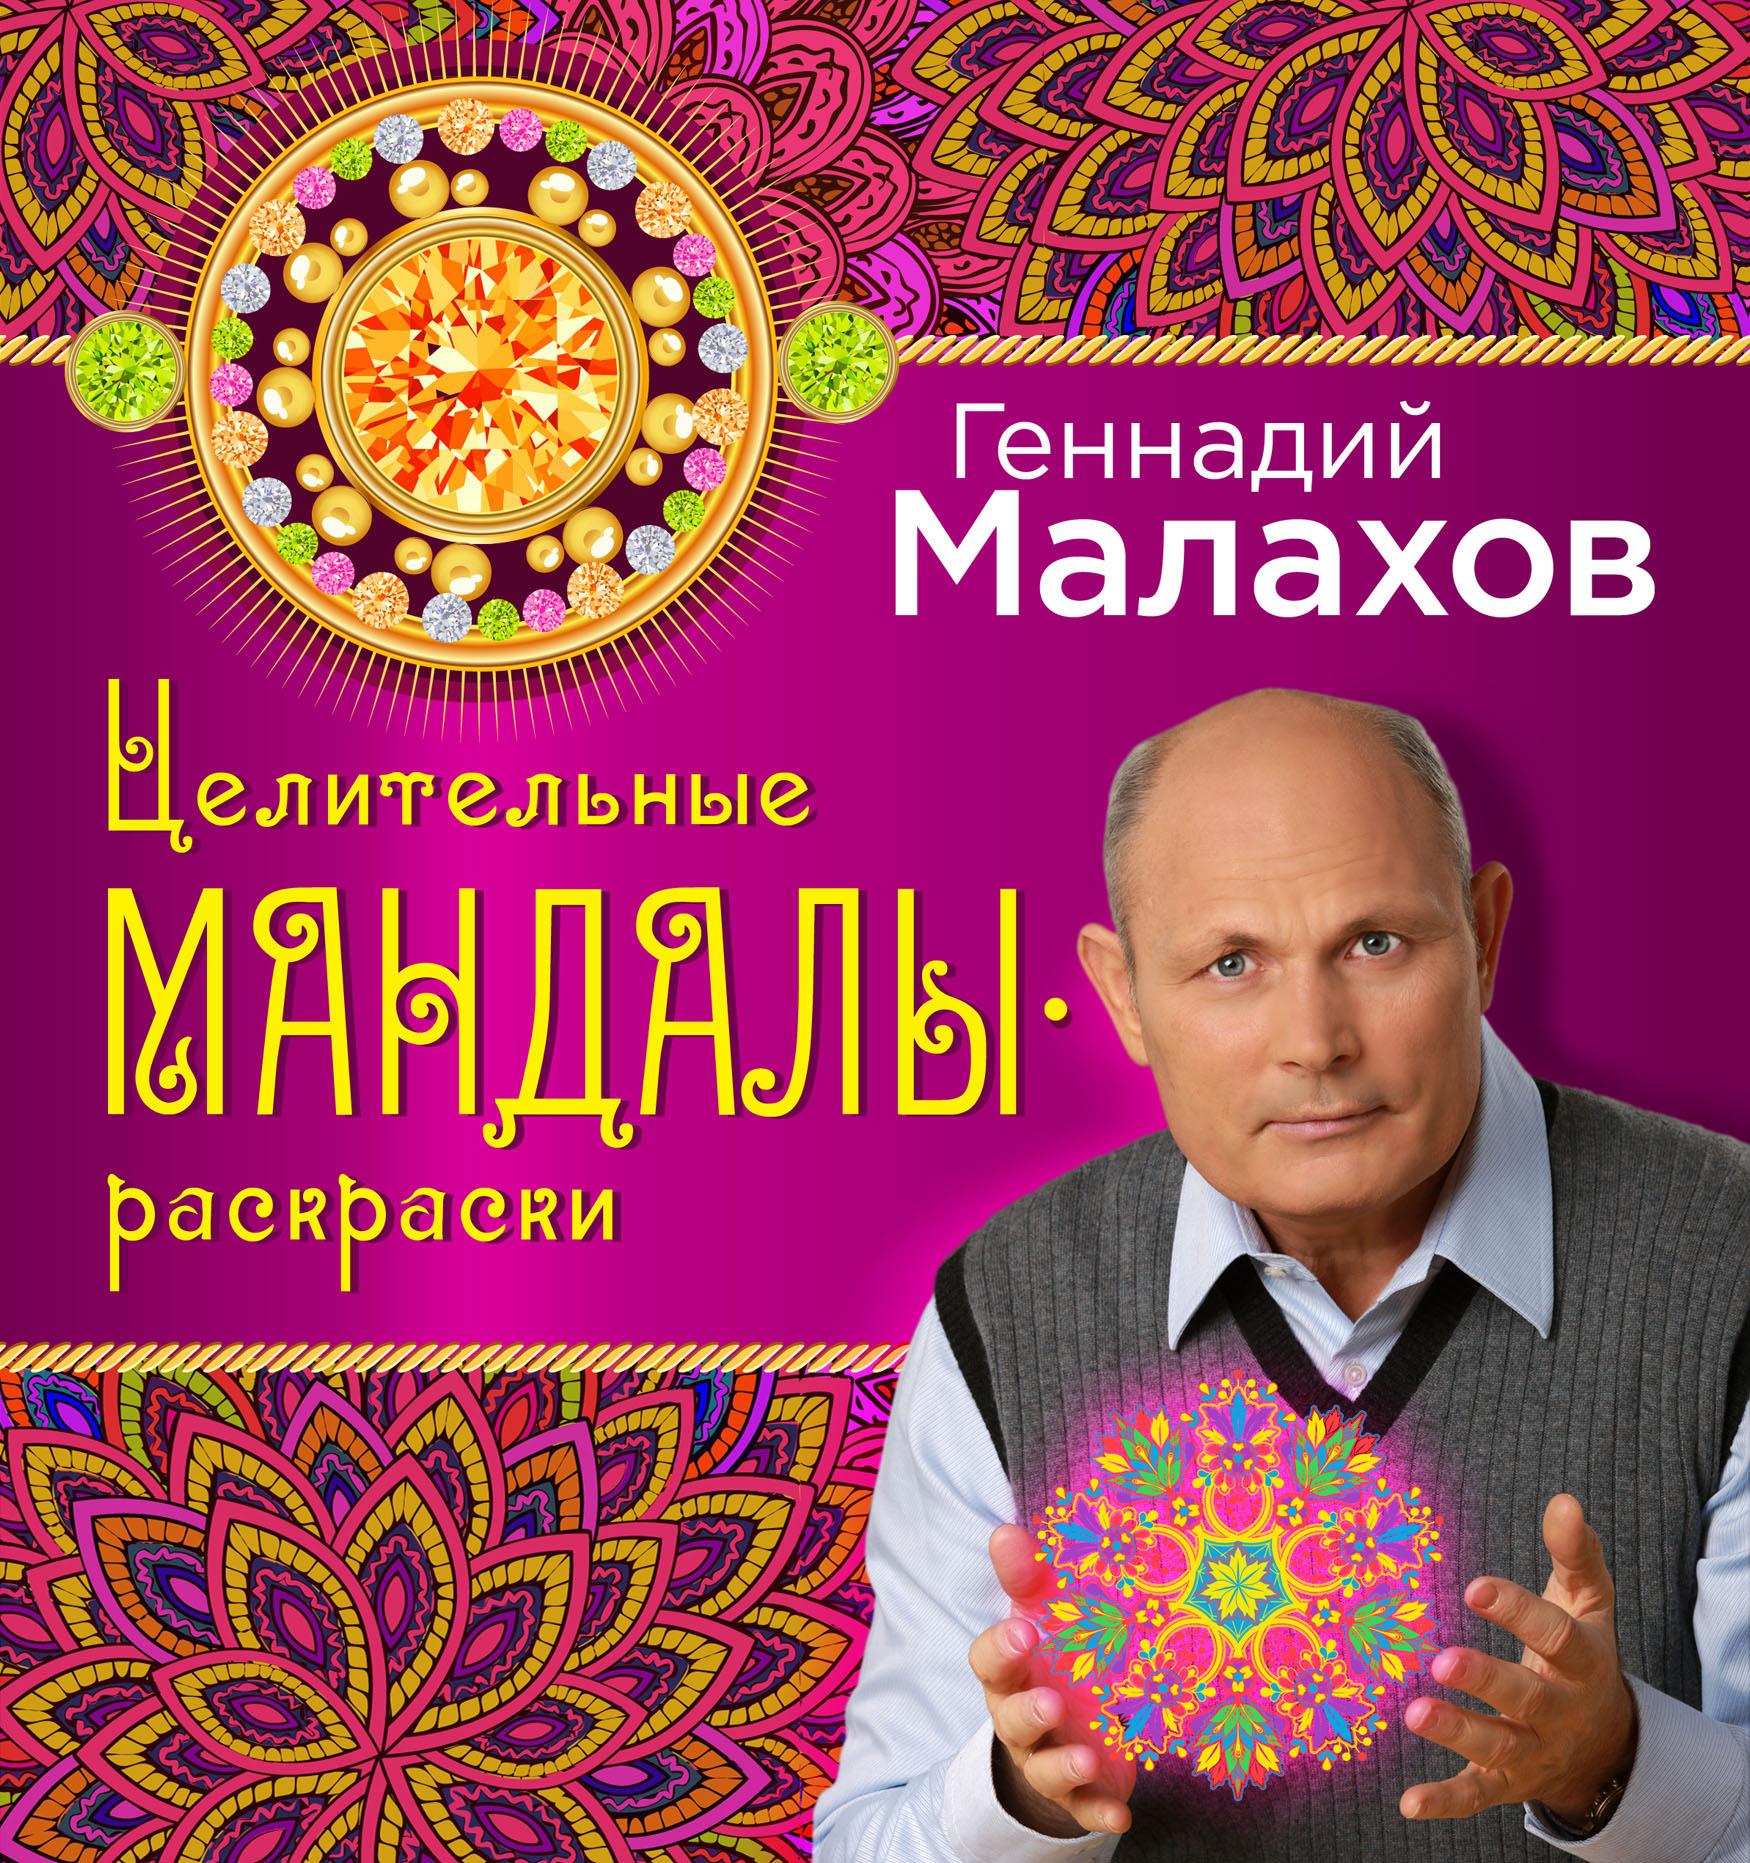 Геннадий Малахов Целительные мандалы-раскраски малахов г мандалы раскраски для здоровья и радости